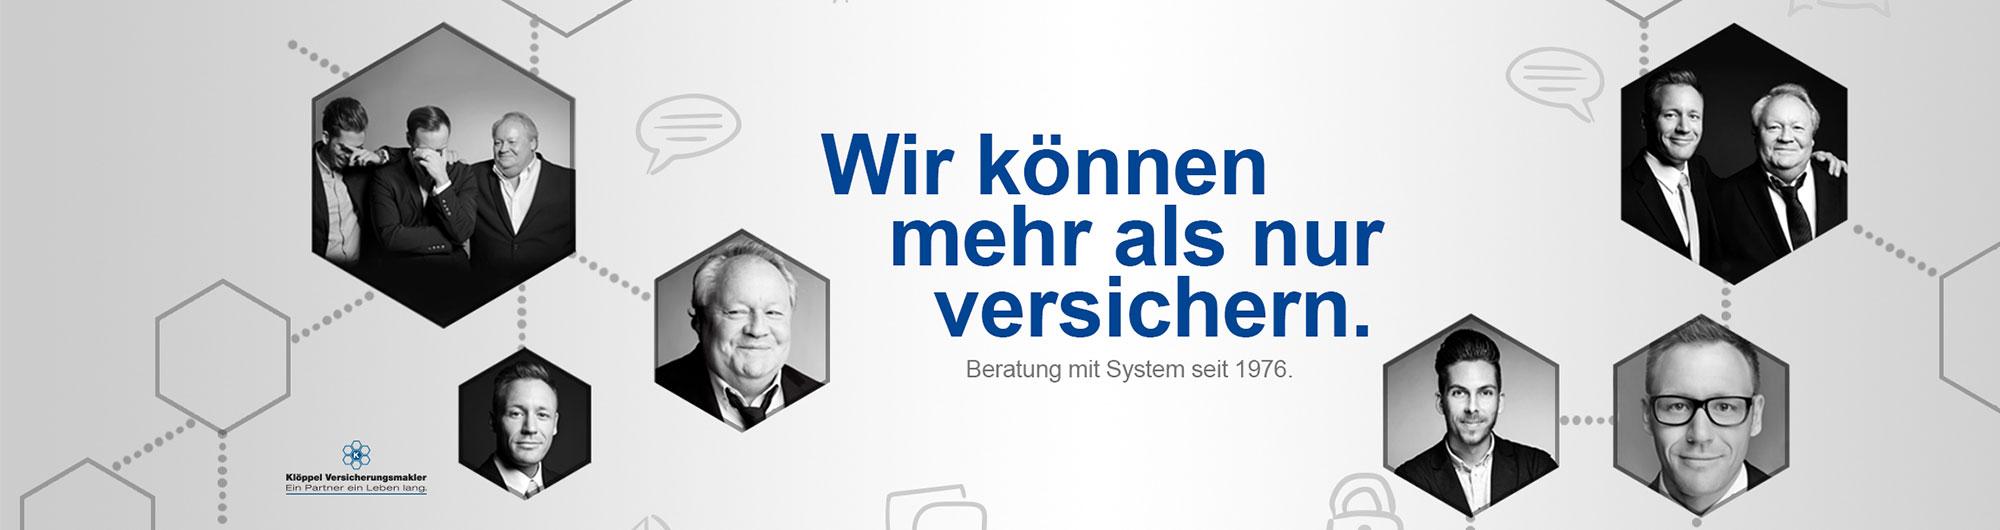 unabhängiger versicherungsmakler mönchengladbach